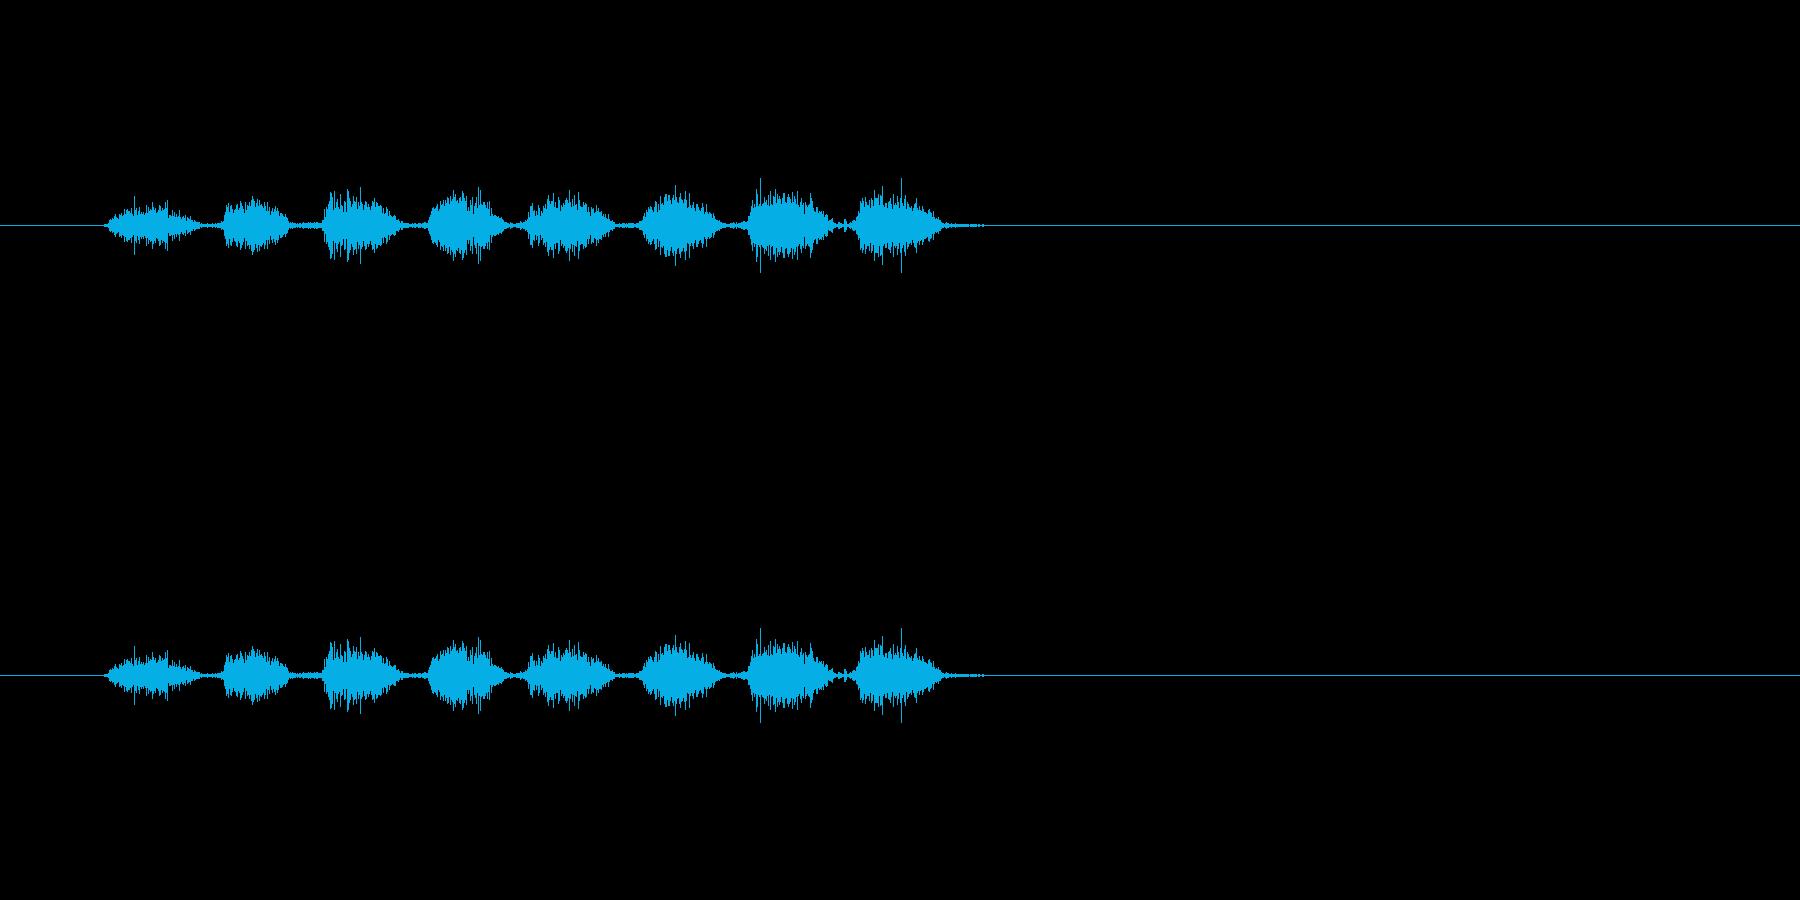 【消しゴム01-5(こする)】の再生済みの波形